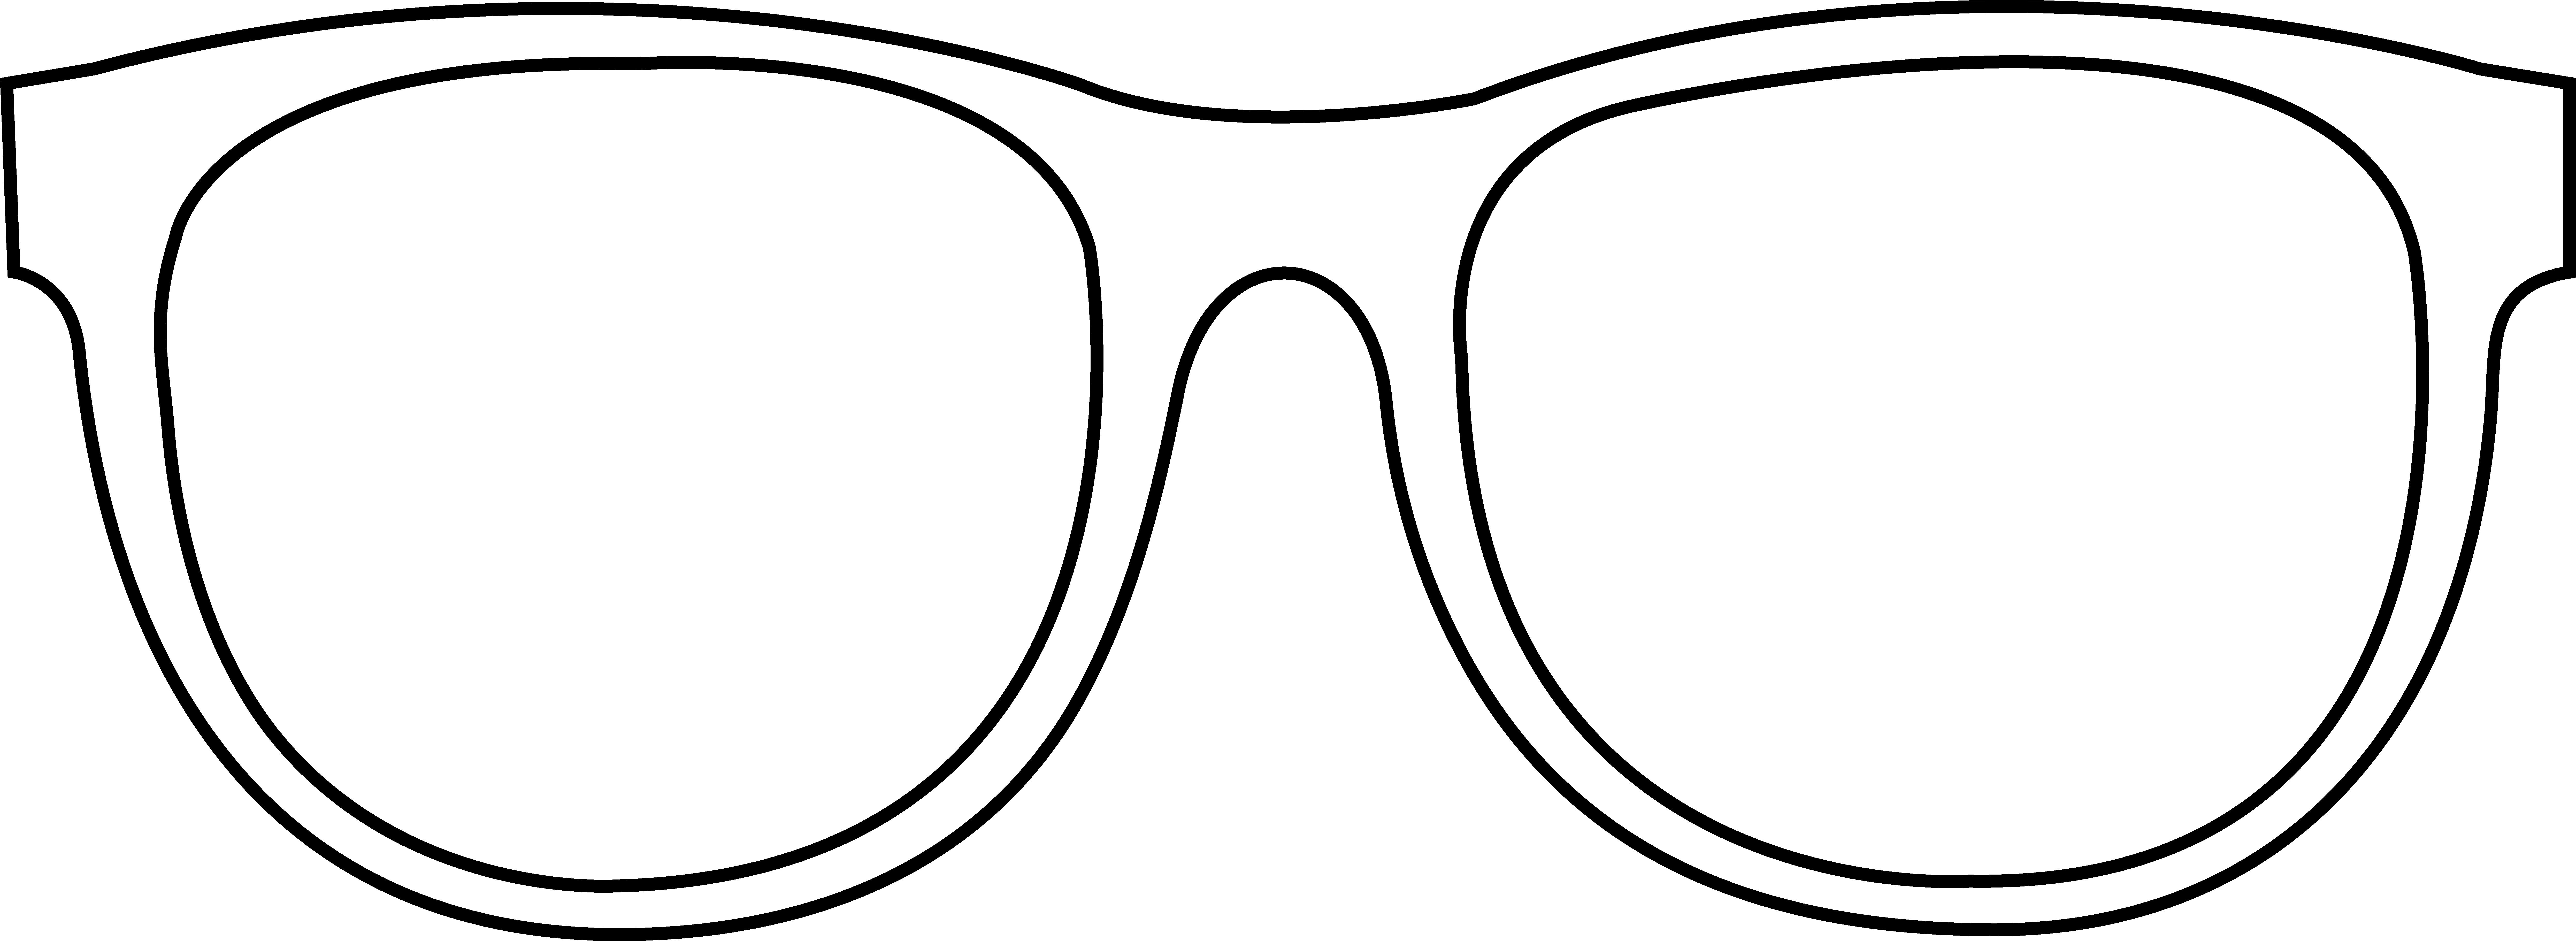 Sunglasses Transparent Line Art Free Clip Art Free Clip Art Coloring Pages Free Printable Coloring Pages